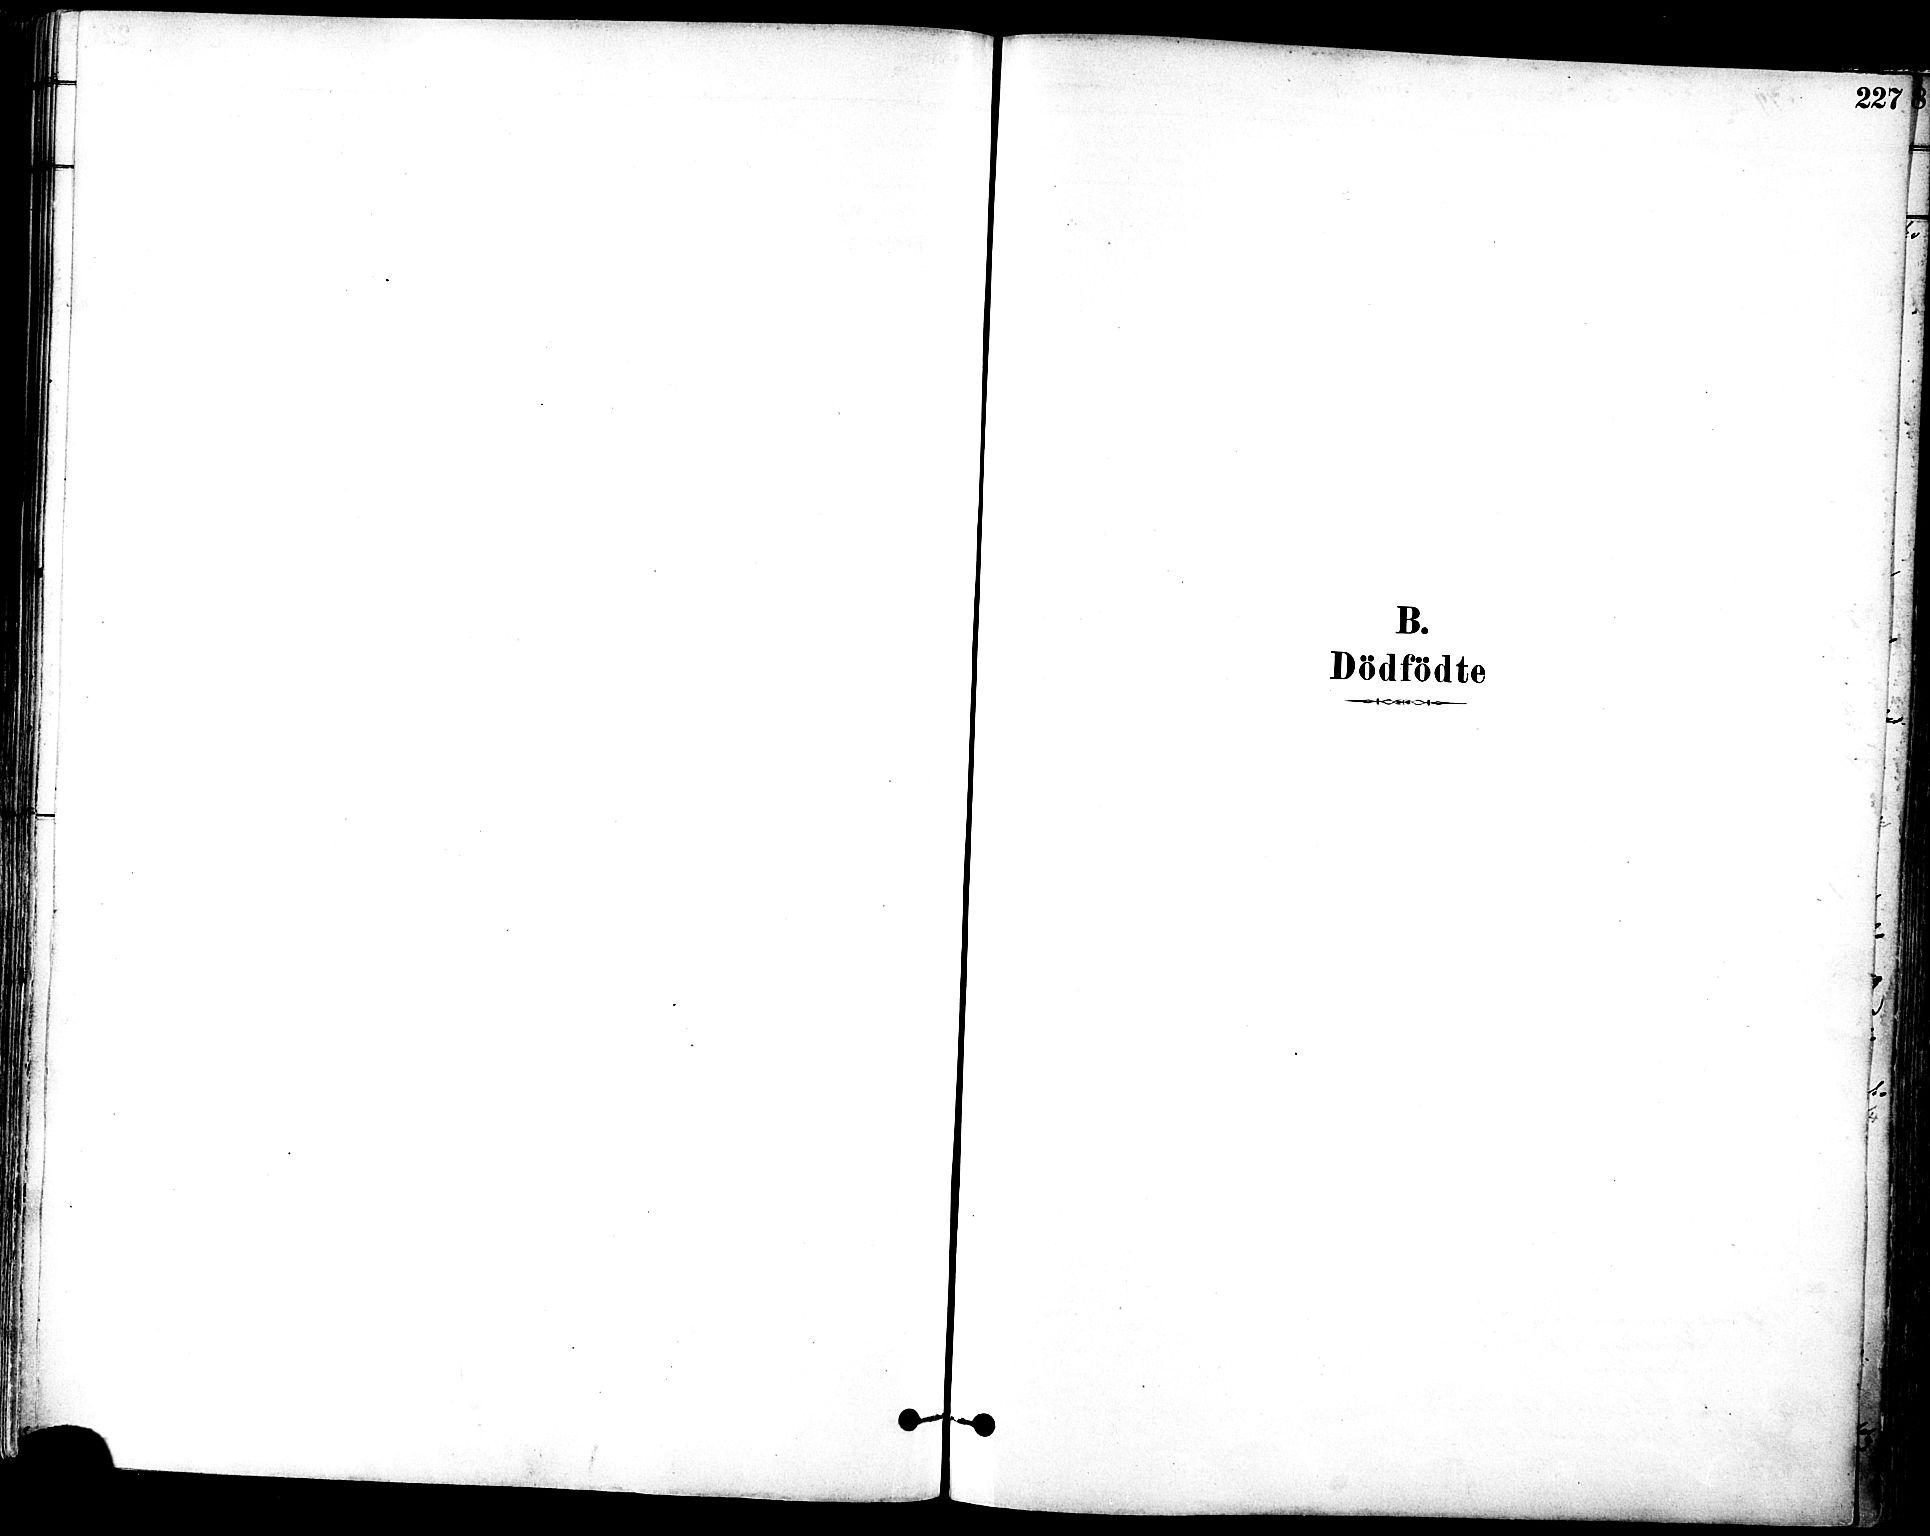 SAT, Ministerialprotokoller, klokkerbøker og fødselsregistre - Sør-Trøndelag, 601/L0057: Ministerialbok nr. 601A25, 1877-1891, s. 227